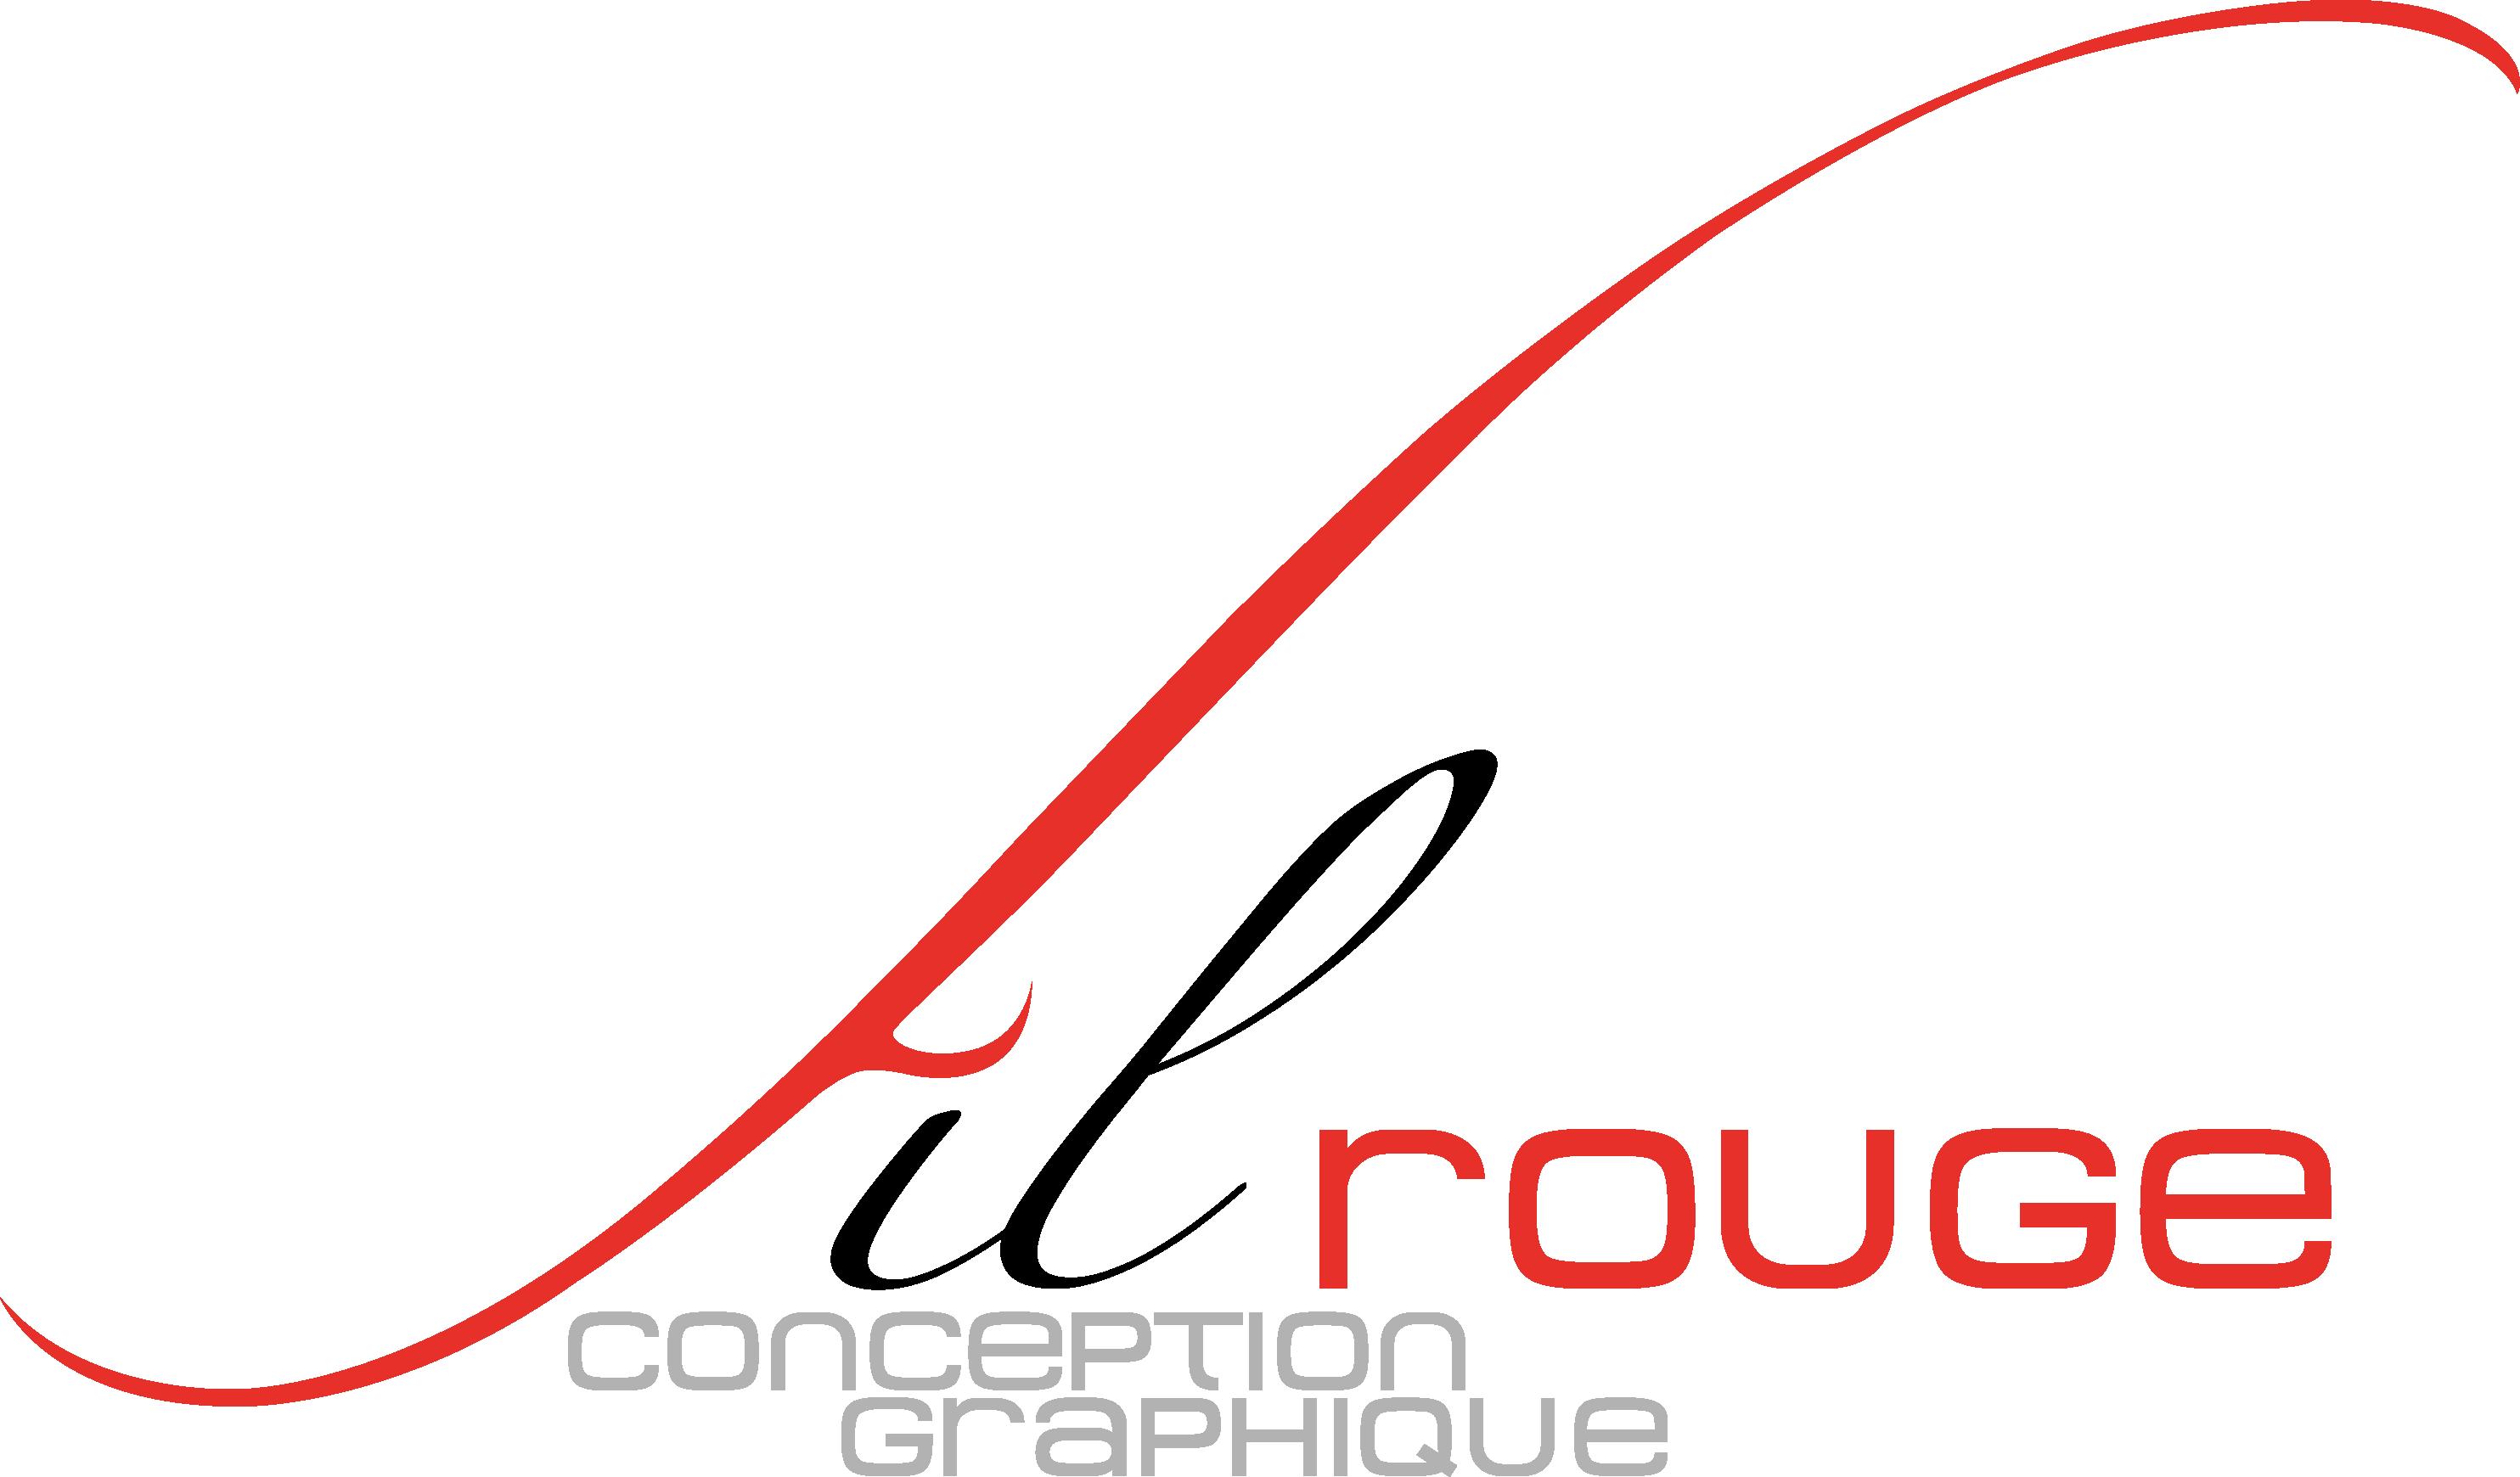 Logo partenaire Fil rouge conception graphique